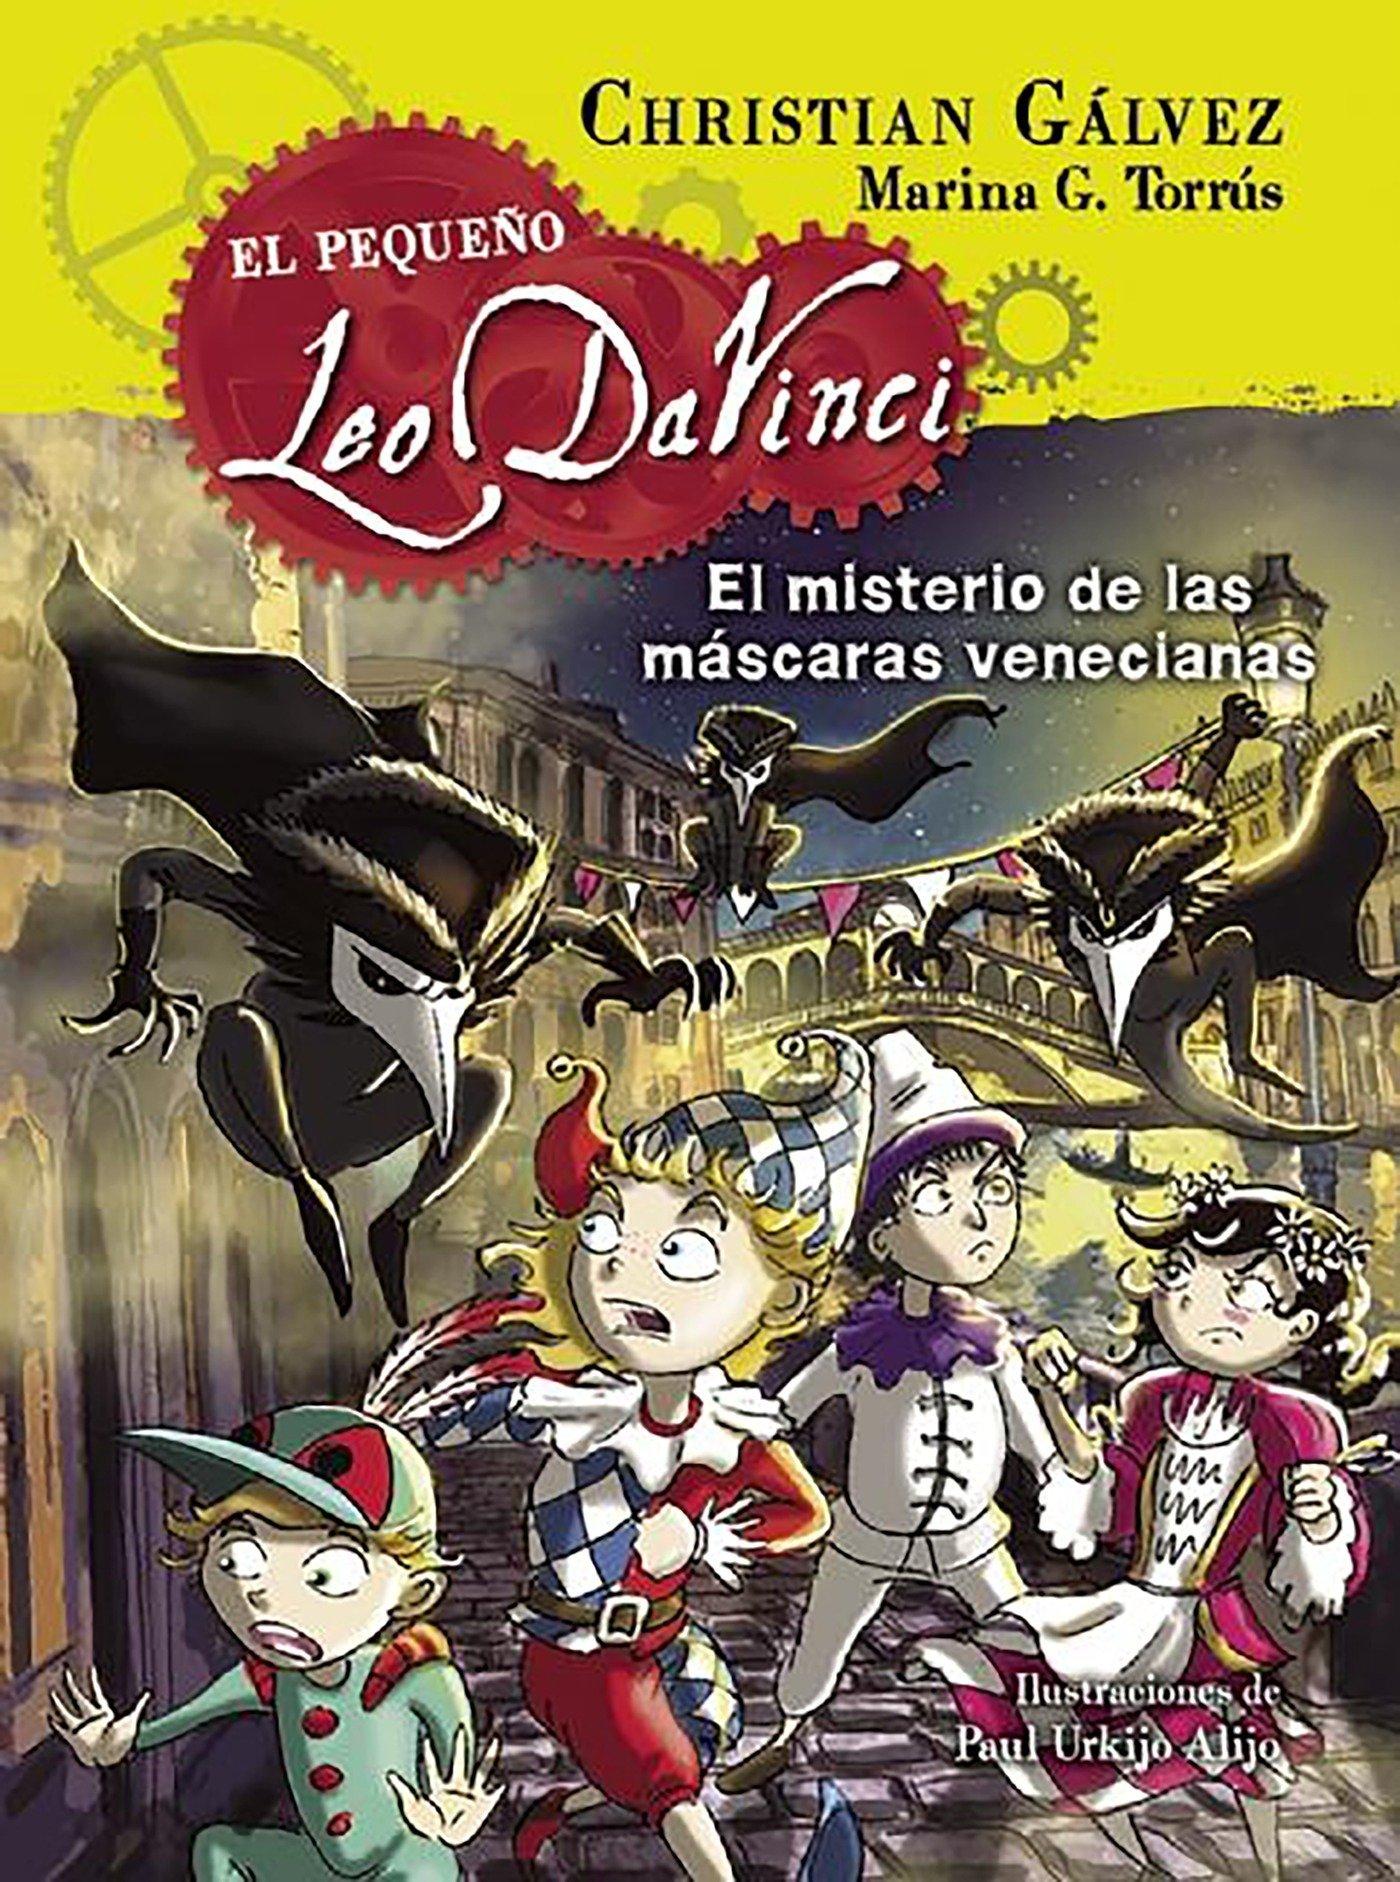 Amazon.com: El misterio de las máscaras venecianas / The Mystery of the Venetian Masks (El pequeño Leo da Vinci) (Spanish Edition) (9788420417974): ...